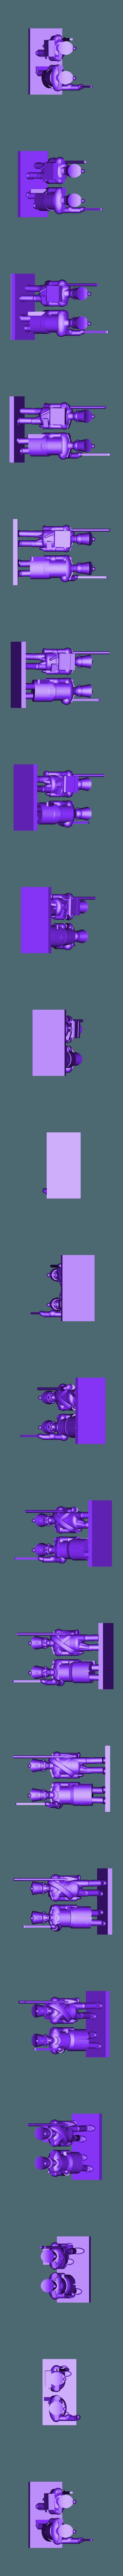 4560197f dd16 4c89 b781 b4af088855a9